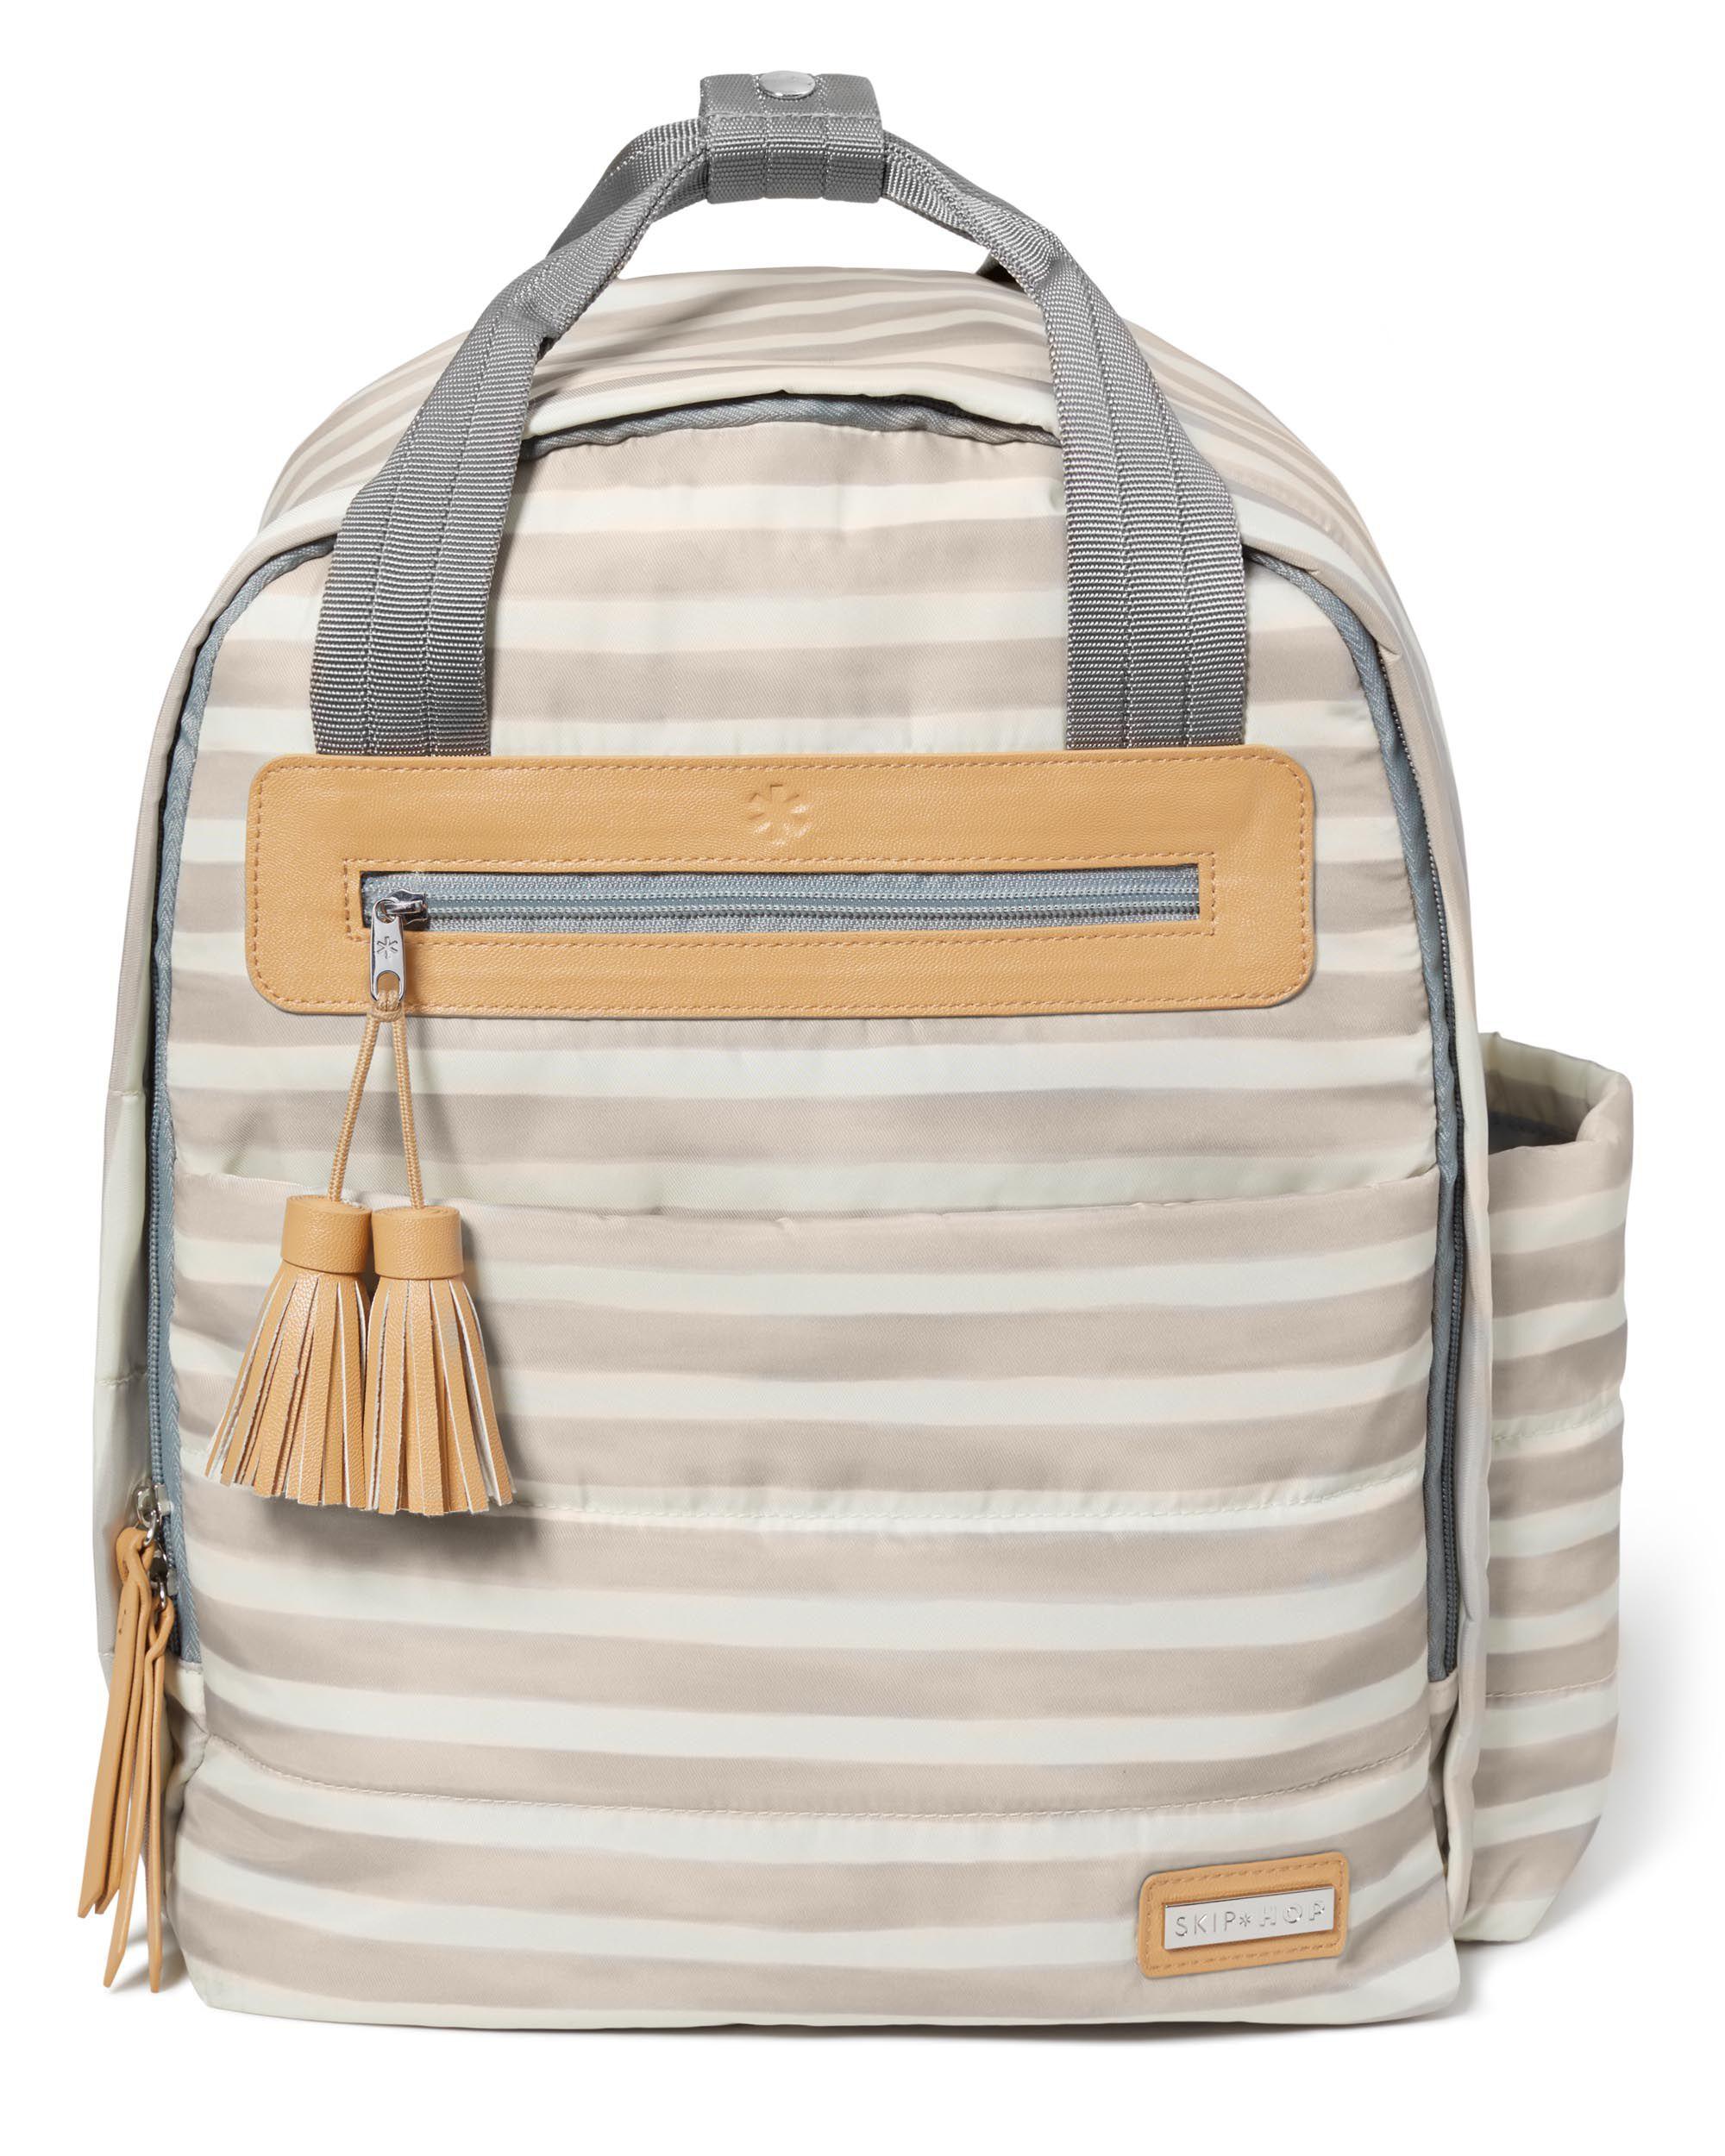 362eecc9c9 Riverside Ultra Light Diaper Backpacks